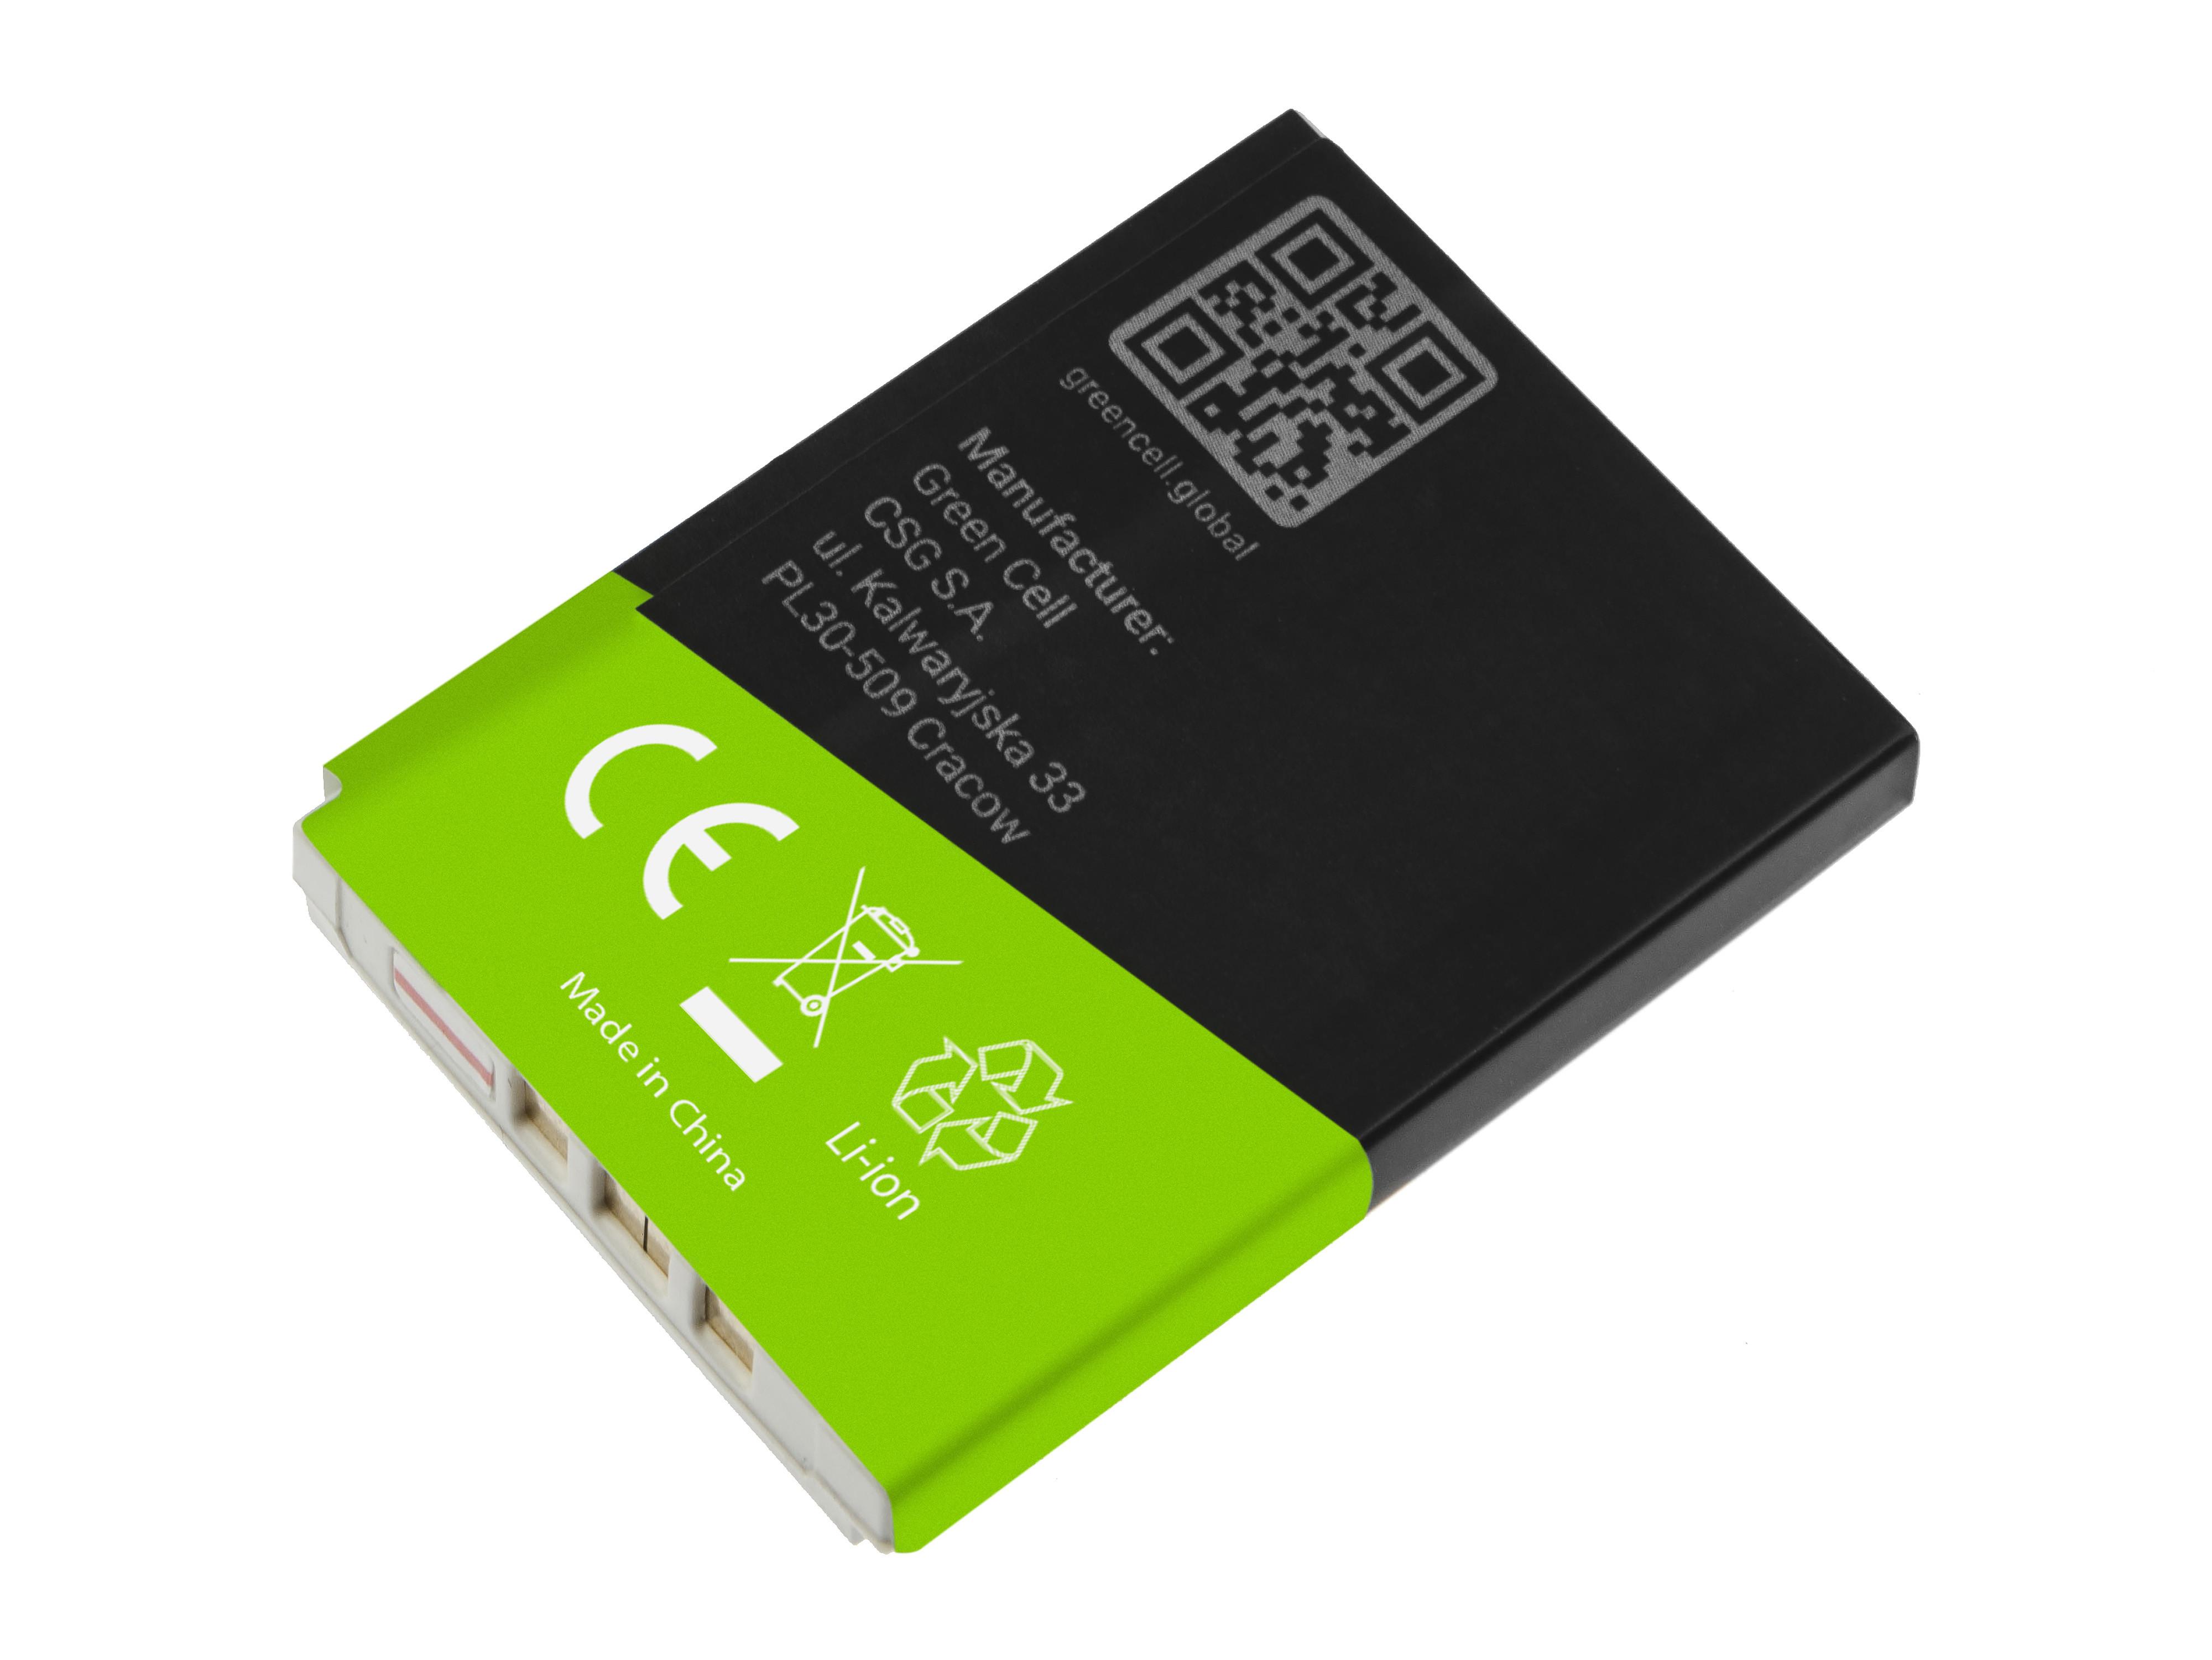 Grönt mobiltelefonbatteri för Nokia 3310 3315 3330 3350 3410 3510 3510i 3520 5510 6650 6800 6810